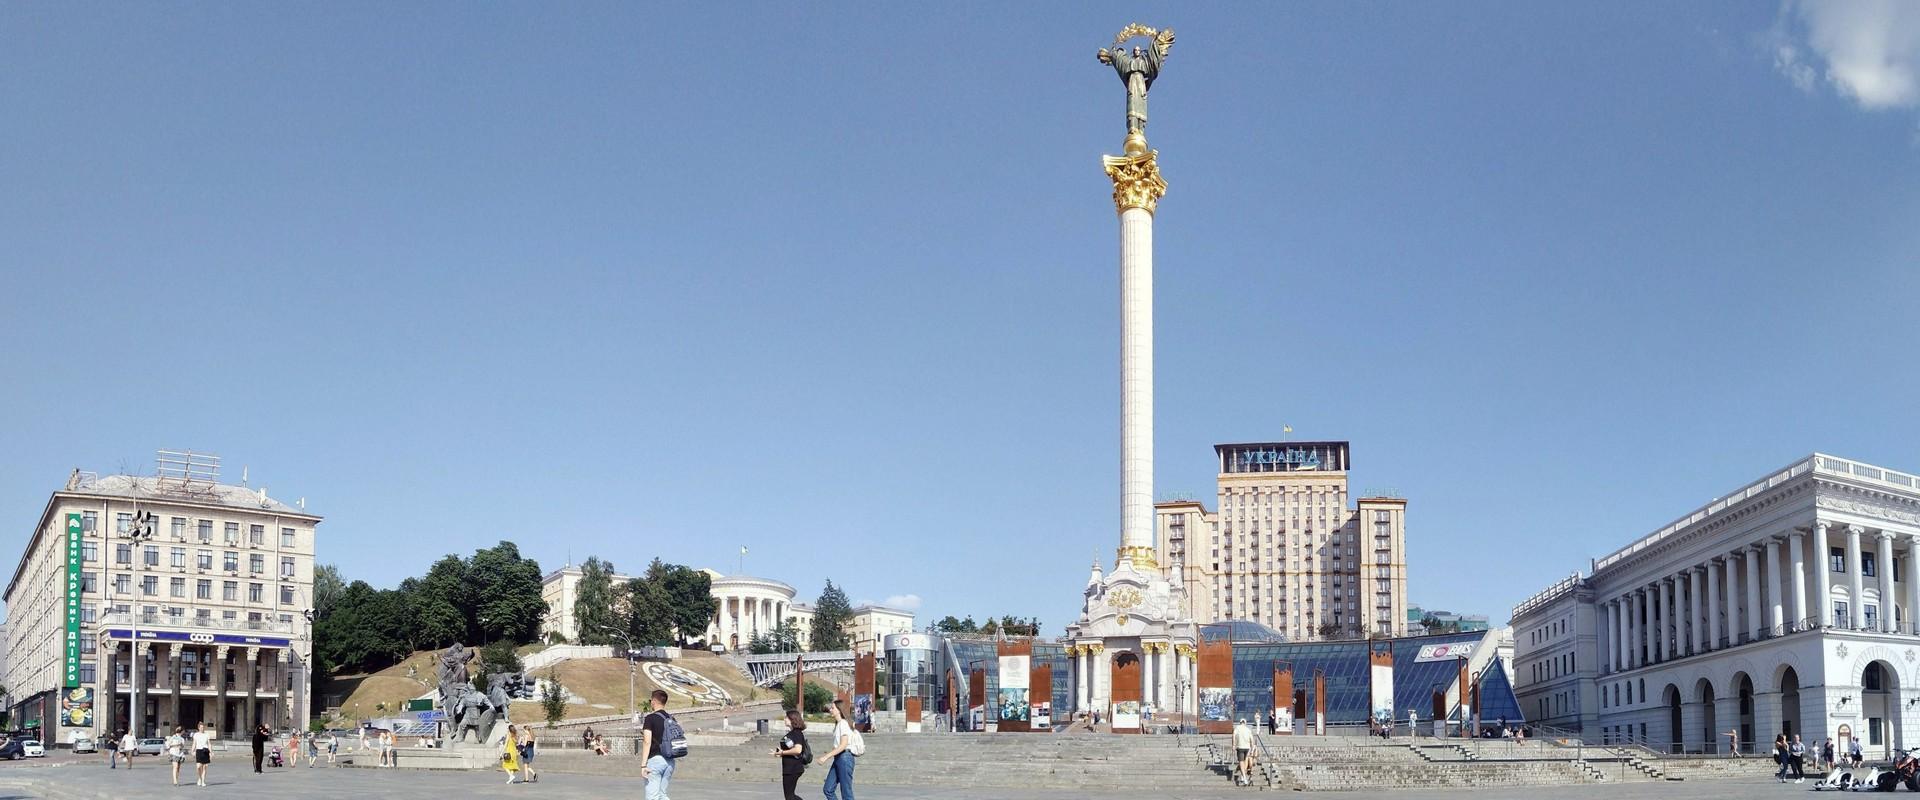 Pereklad.net - бюро усного перекладу Українського інституту перекладу